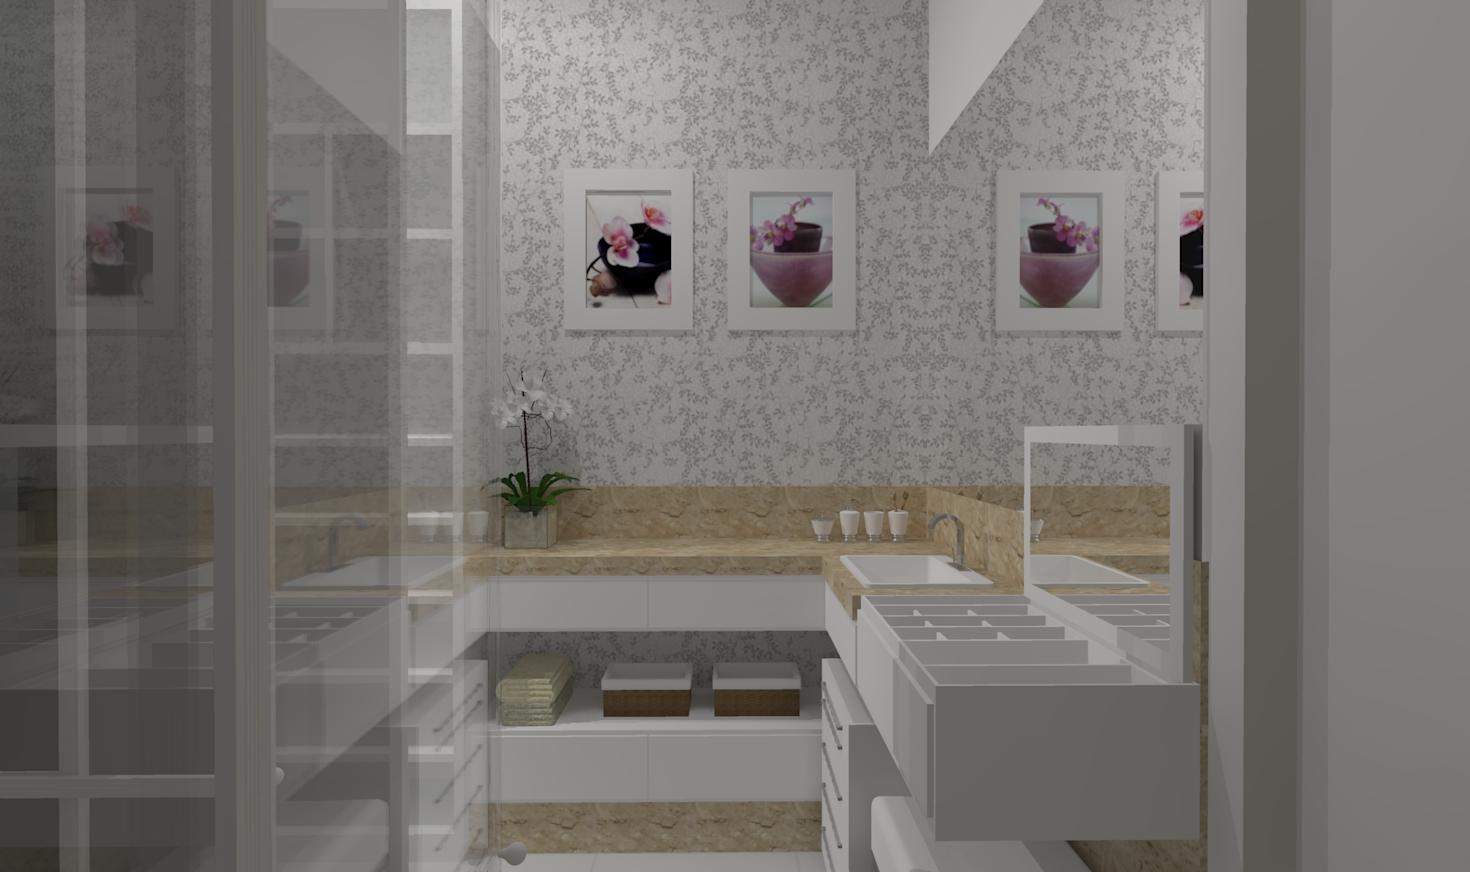 banheiros com closet 1 photo Car Tuning #684D5B 1470x872 Banheiro Com Closet Integrado Pequeno